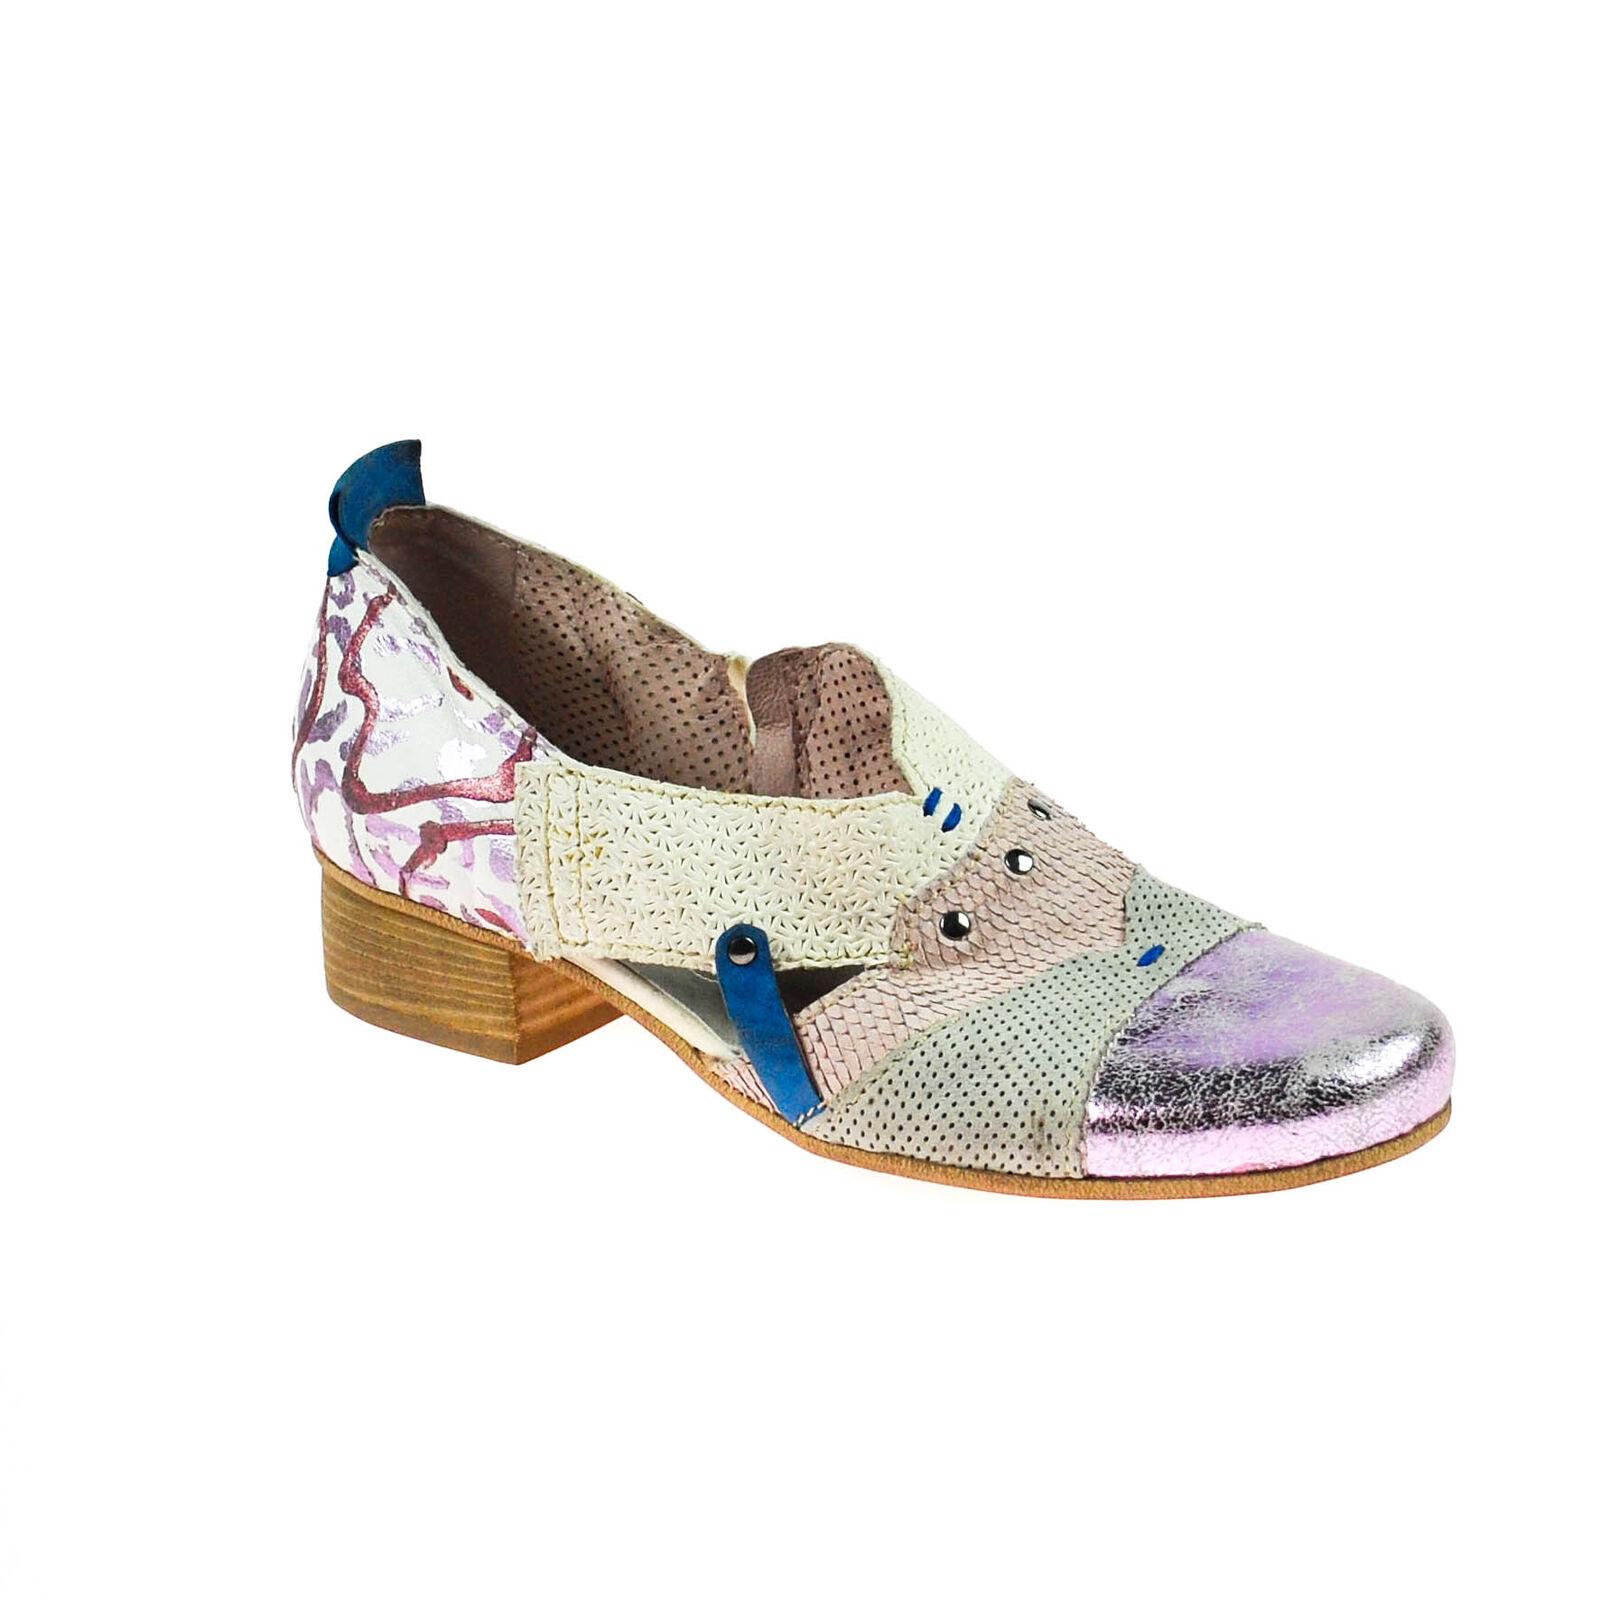 spedizione gratuita Fascino DONNA mezza scarpa pelle bianco grigio lilla viola multicolore multicolore multicolore  vendita con alto sconto